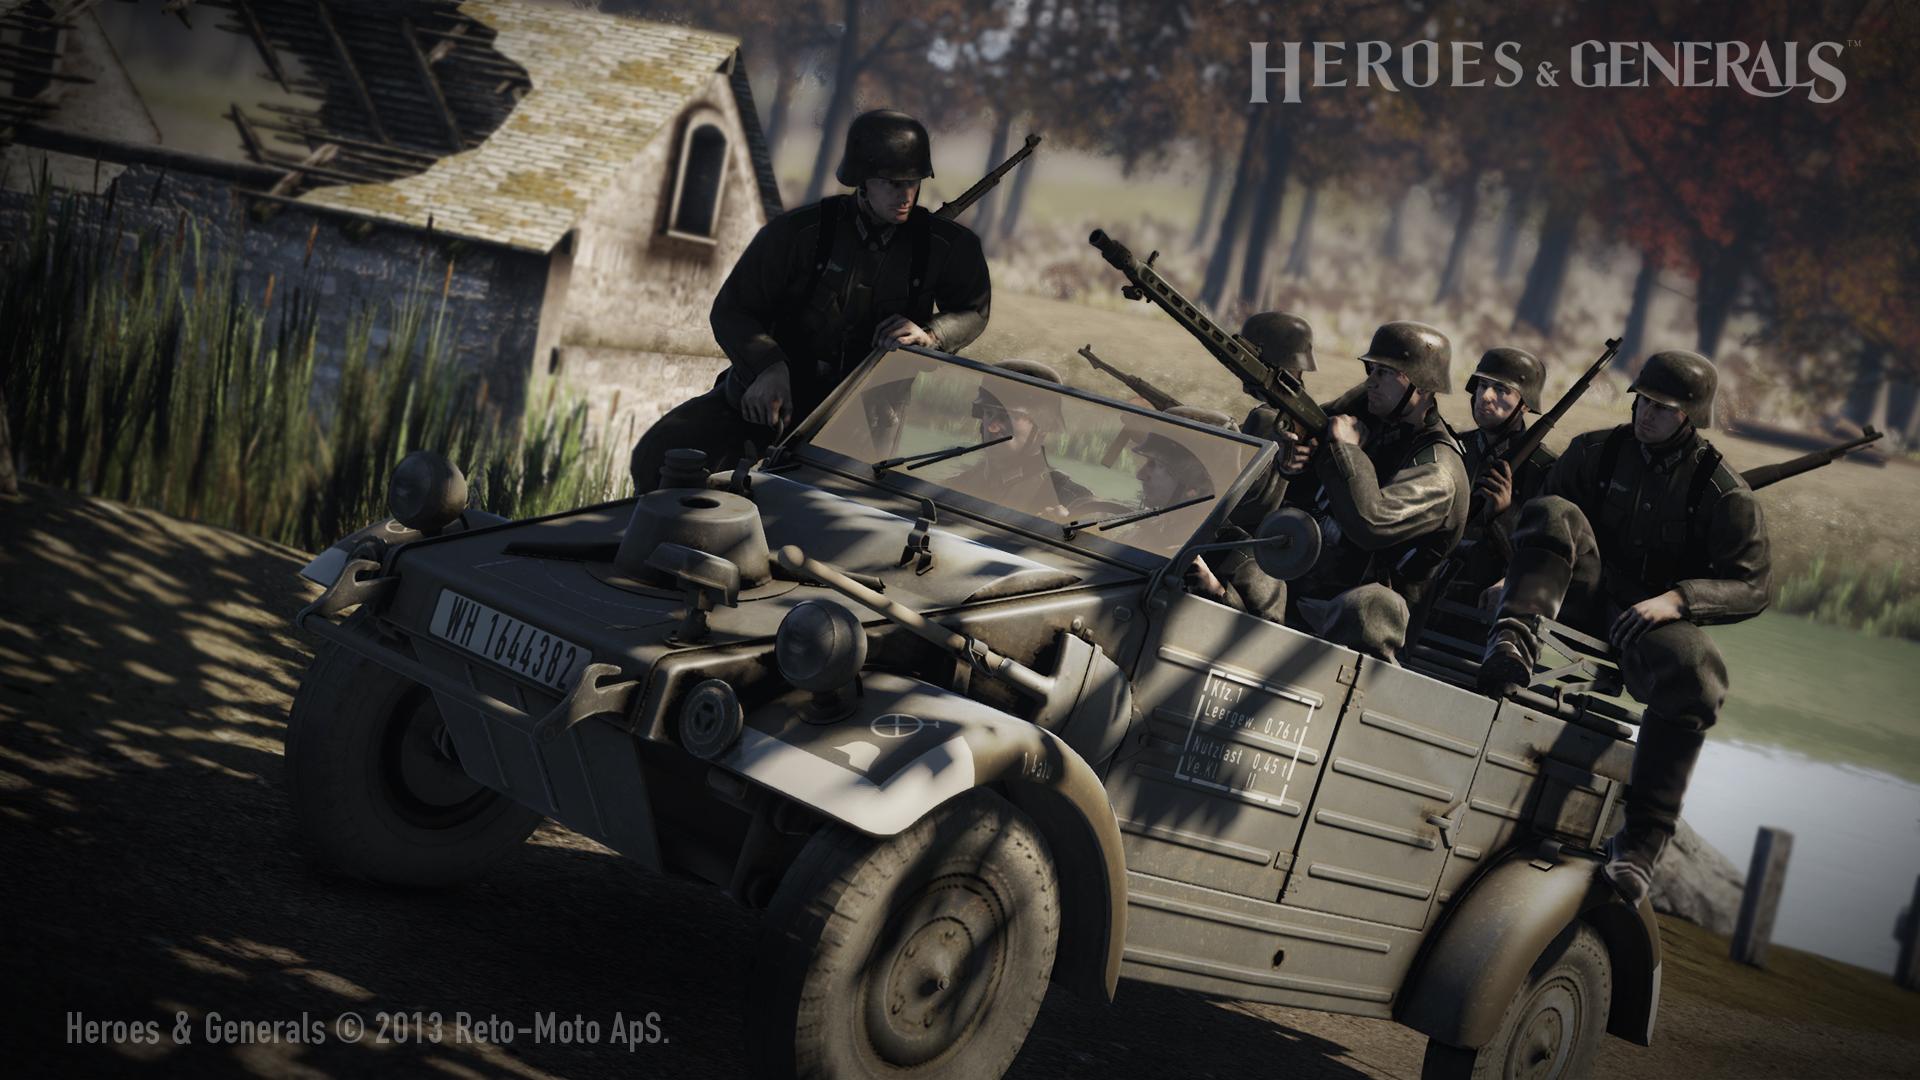 Heroes & Generals #12